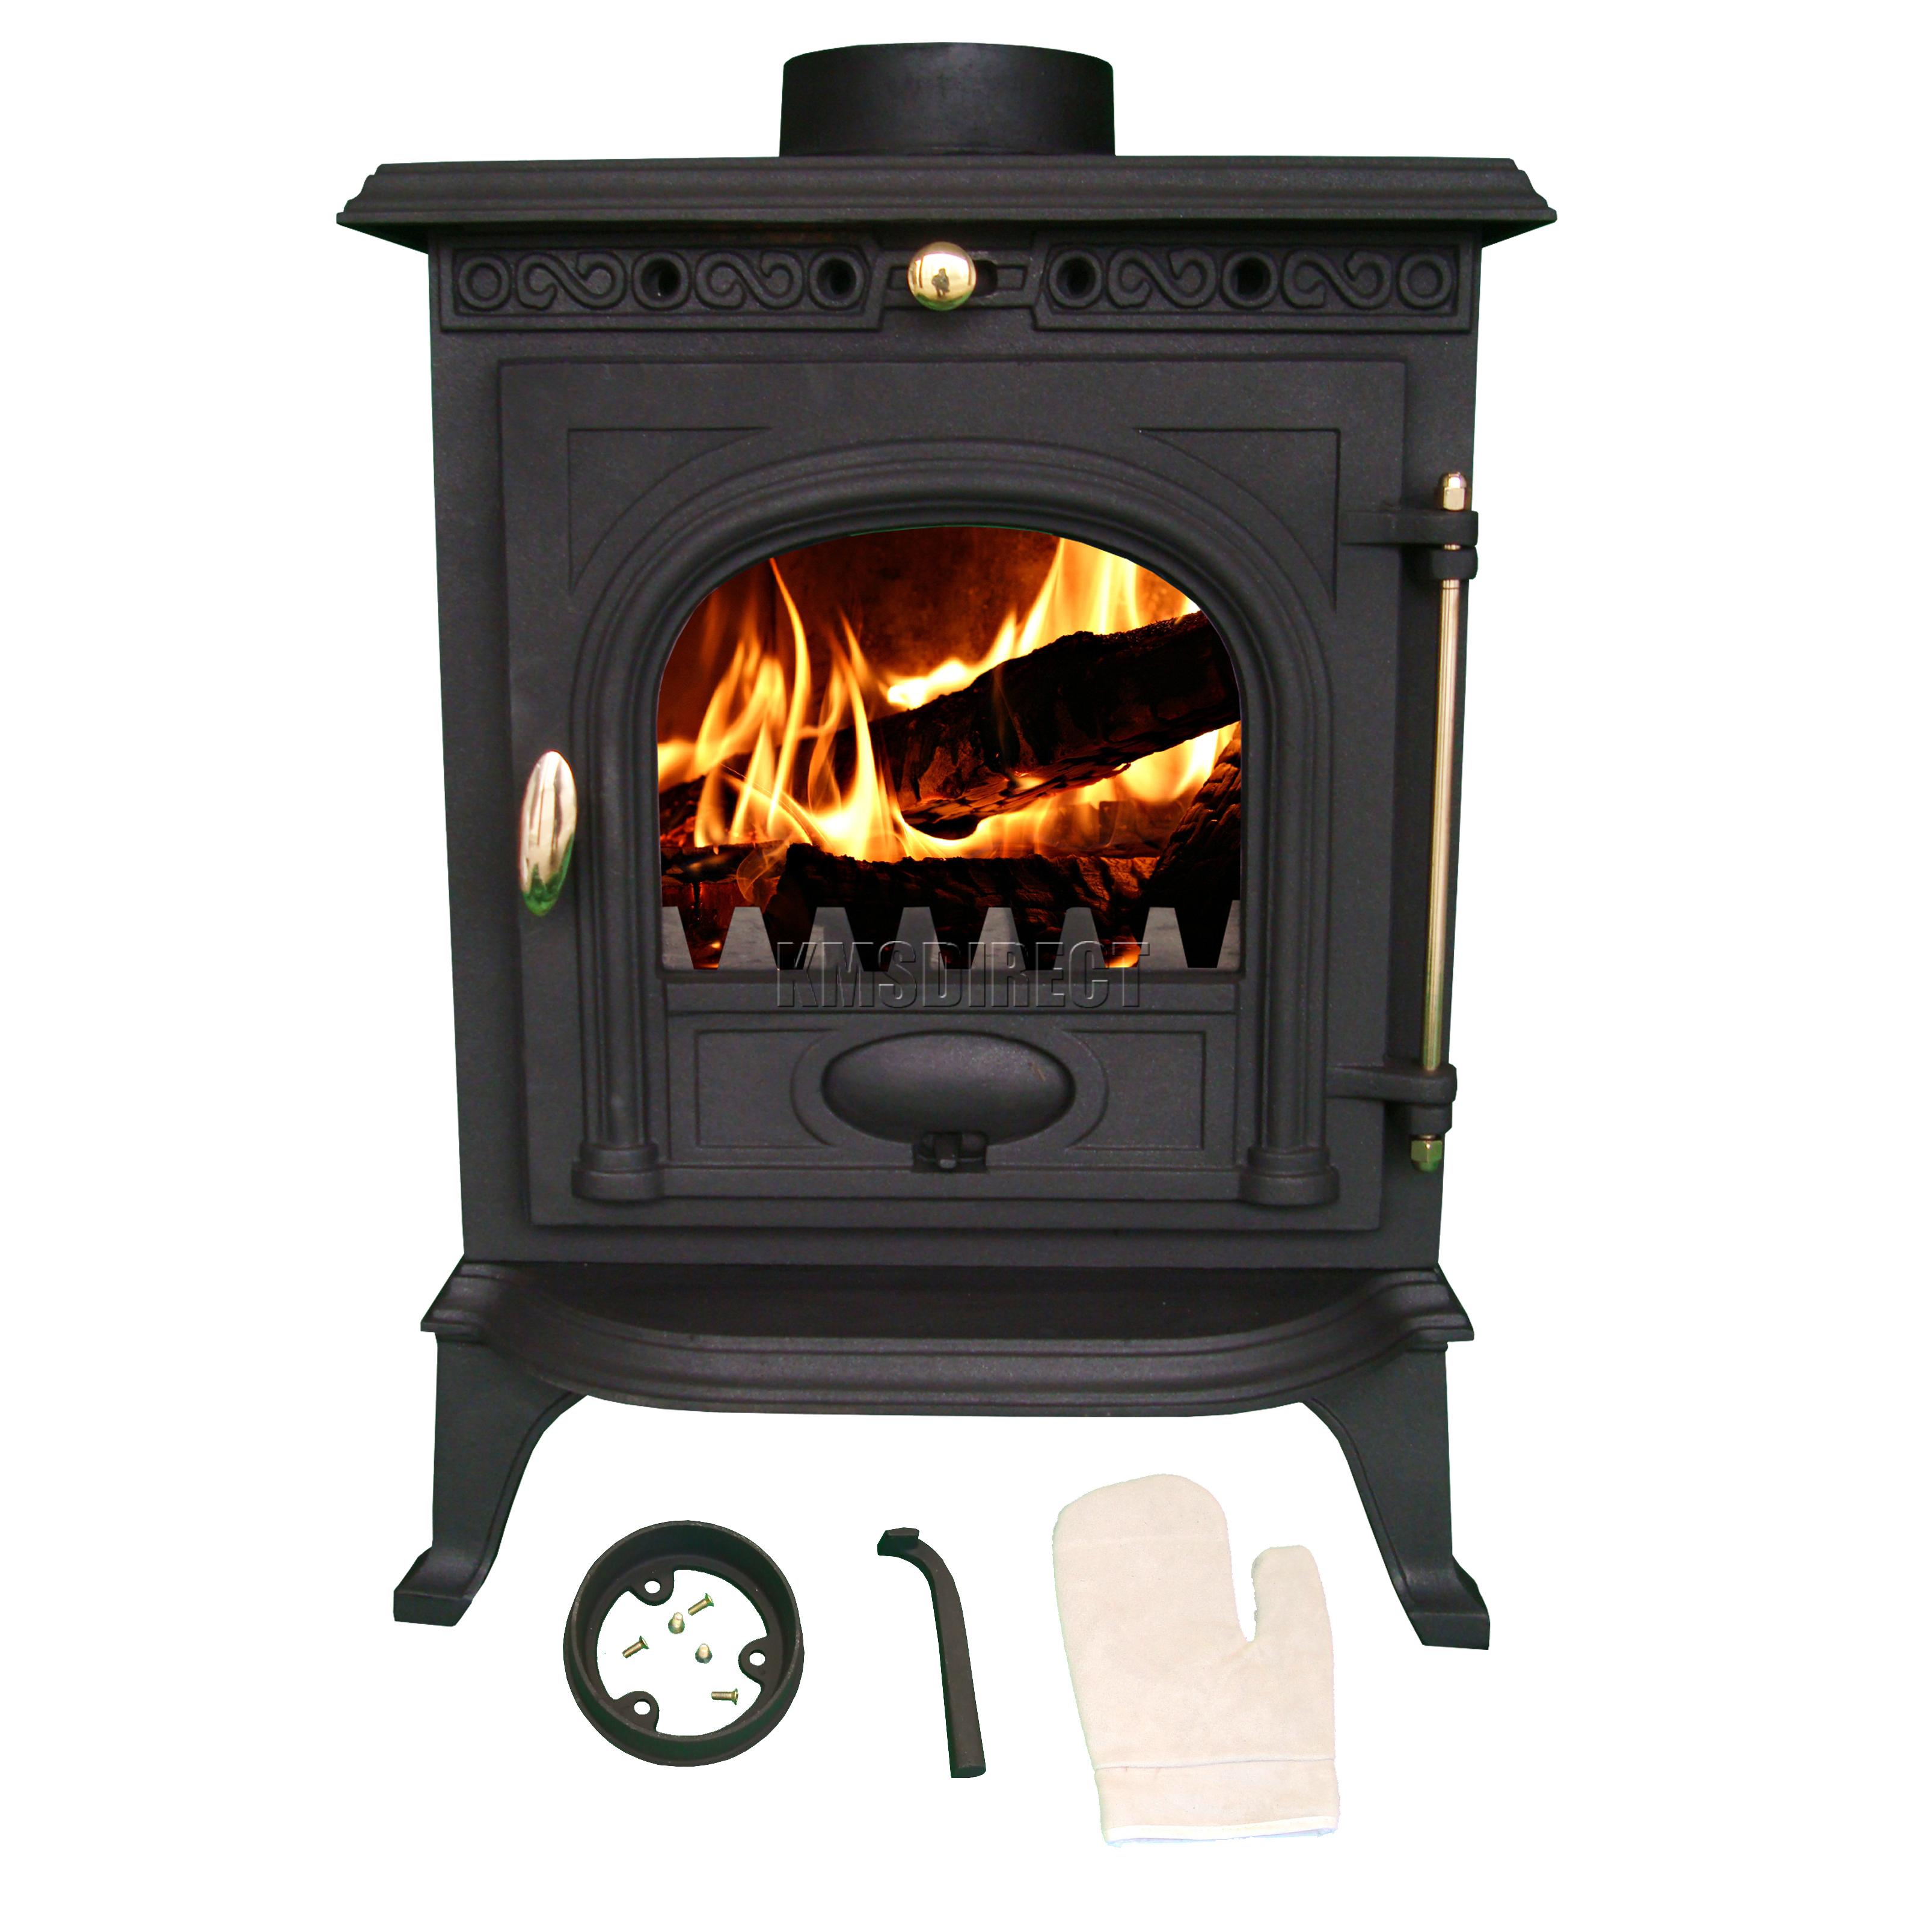 Estufa de le a de hierro fundido nuevo registro burner for Estufa hierro fundido